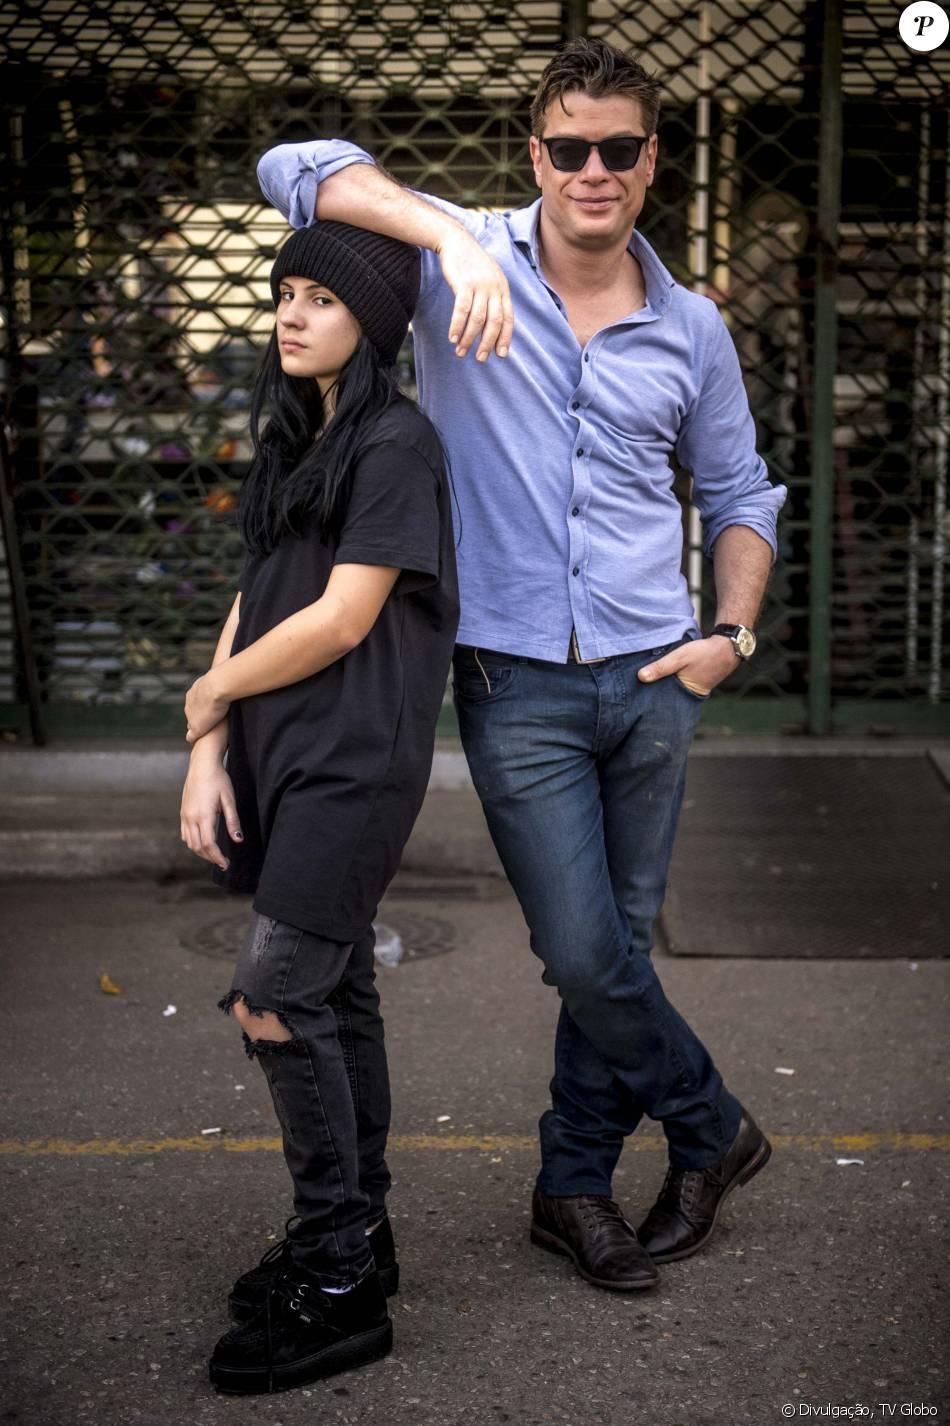 Arthur (Fábio Assunção) livra Jojô (Giovanna Ríspoli) do bullying na escola, na novela 'Totalmente Demais', em janeiro de 2016